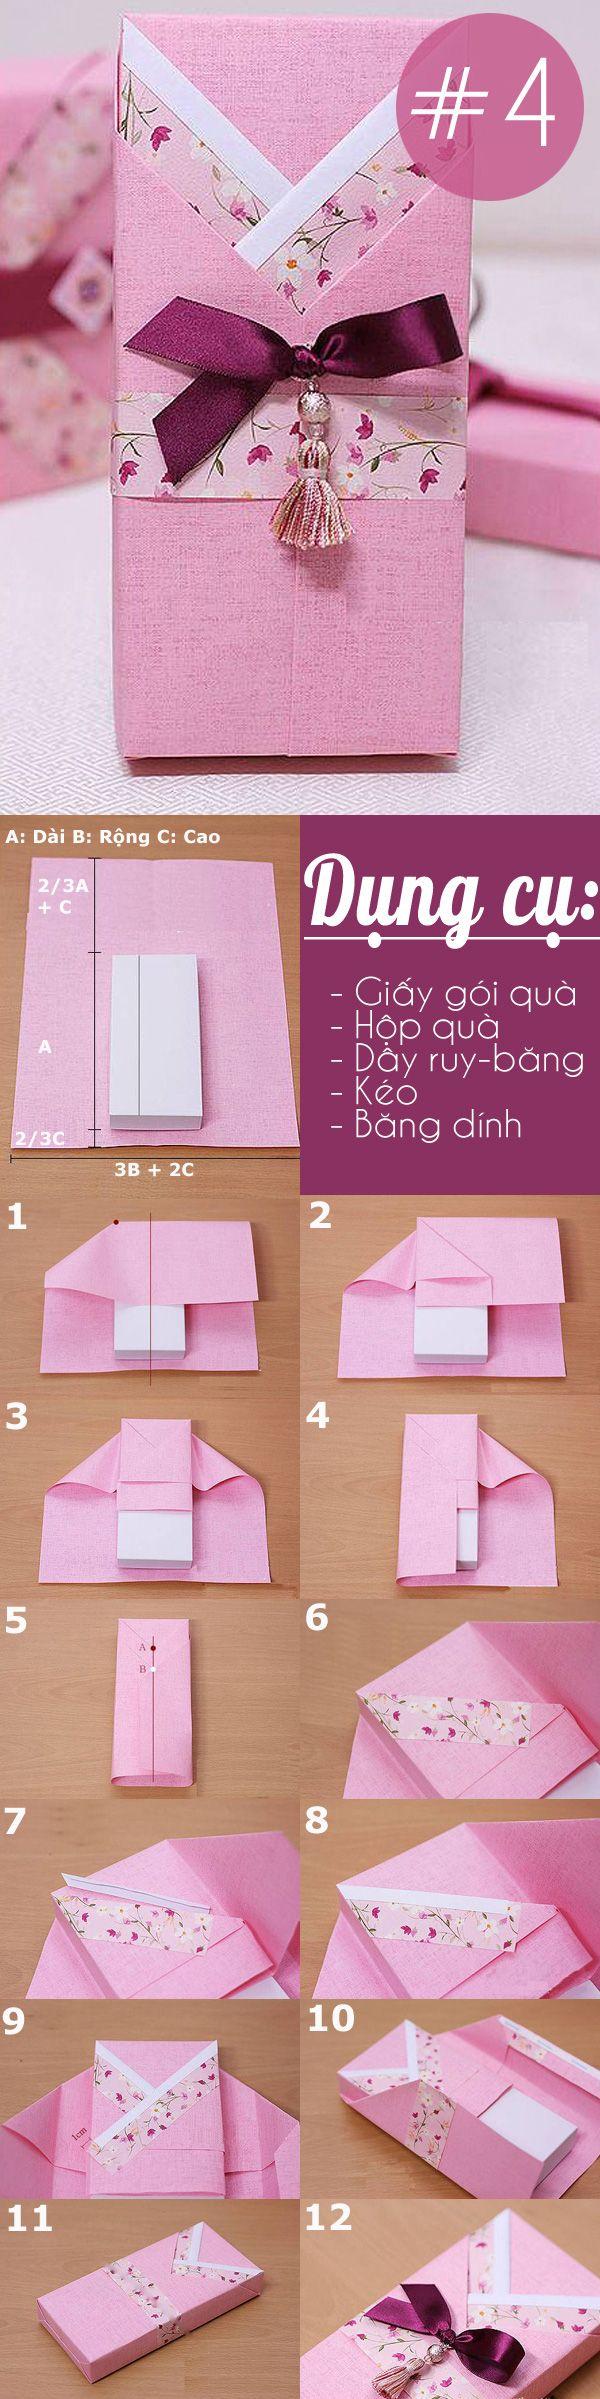 Những cách gói quà này sẽ giúp bạn xử lý được các món quà ở nhiều hình dạng khác nhau nữa đấy!